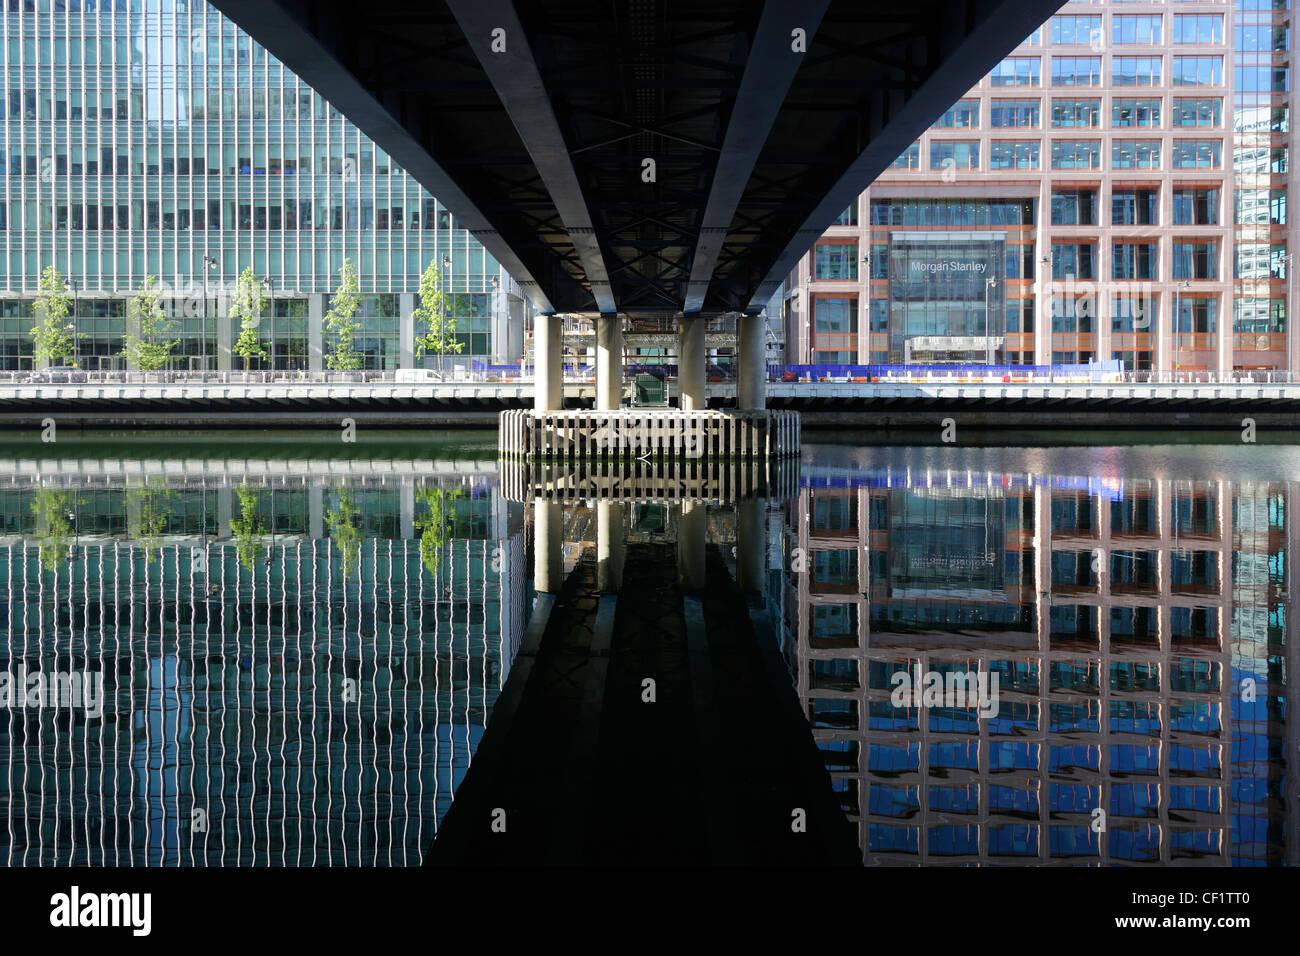 Dalla riflessione di edifici, parte del Canary Wharf in West India Millwall Docks sulla Isle of Dogs a Londra. Immagini Stock